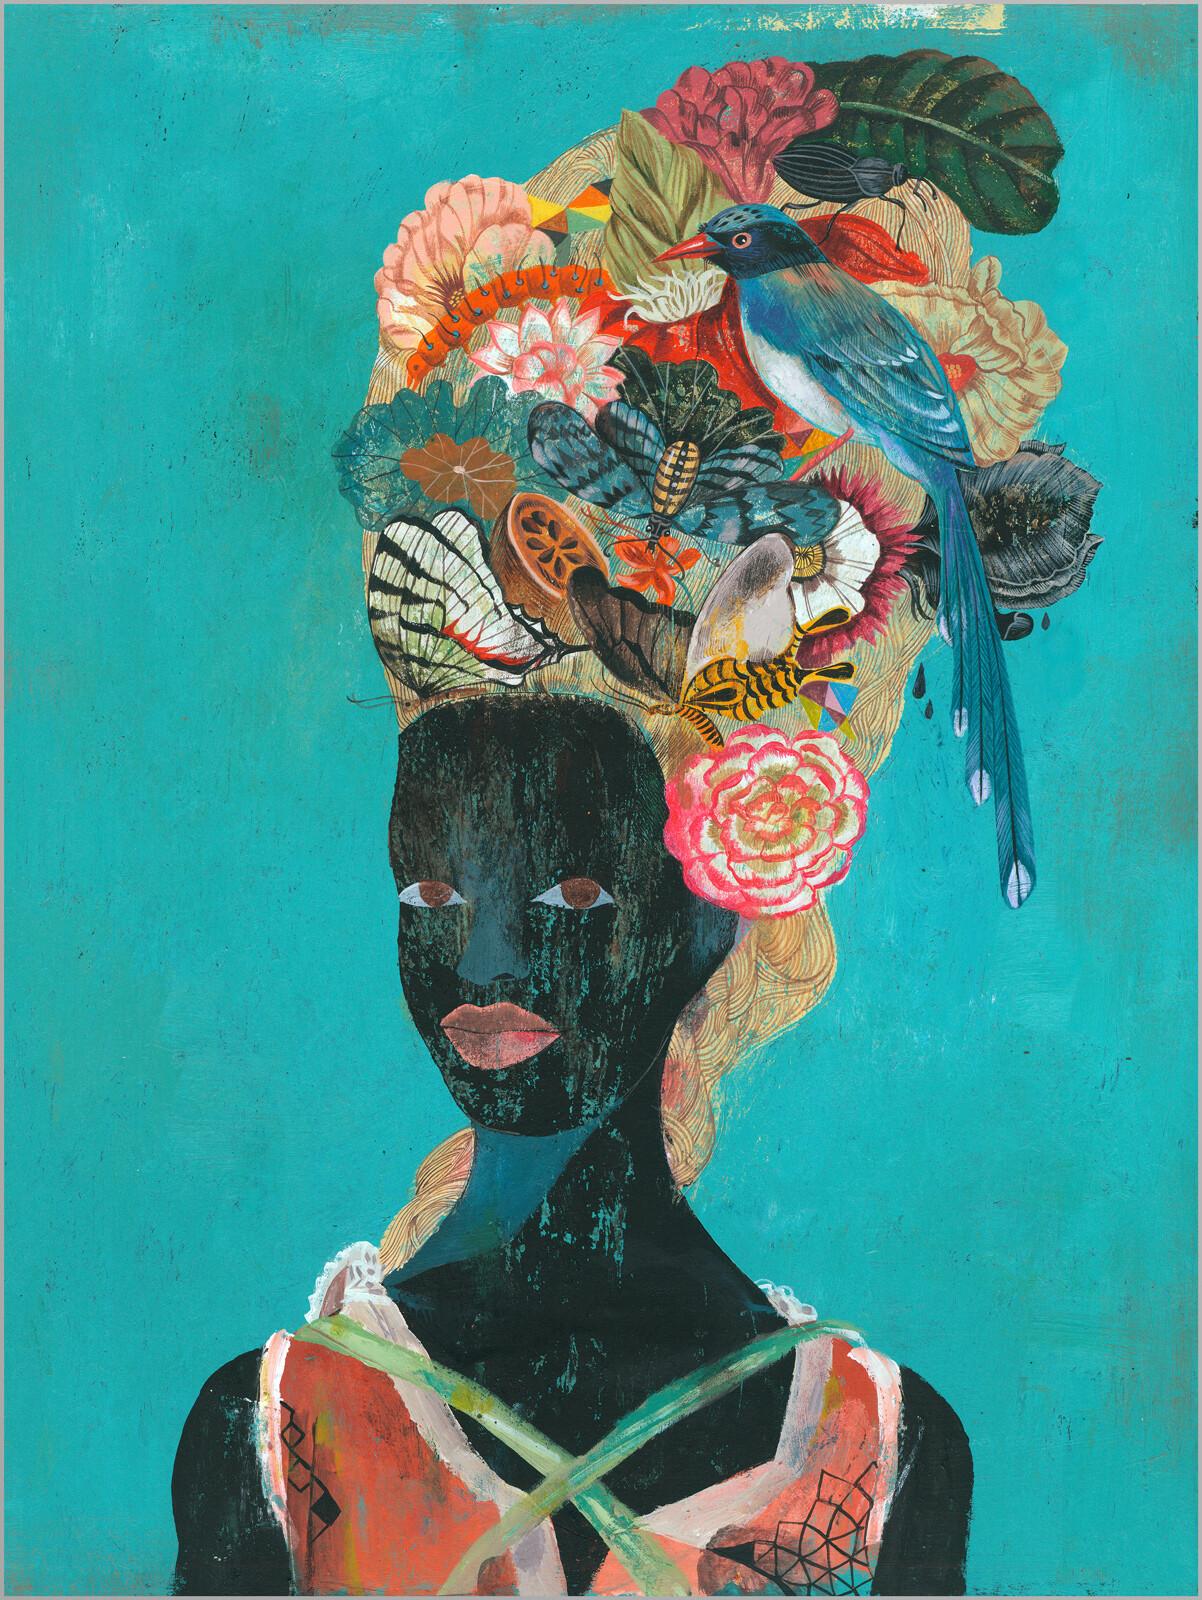 Black Antoinette - Olaf Hajek